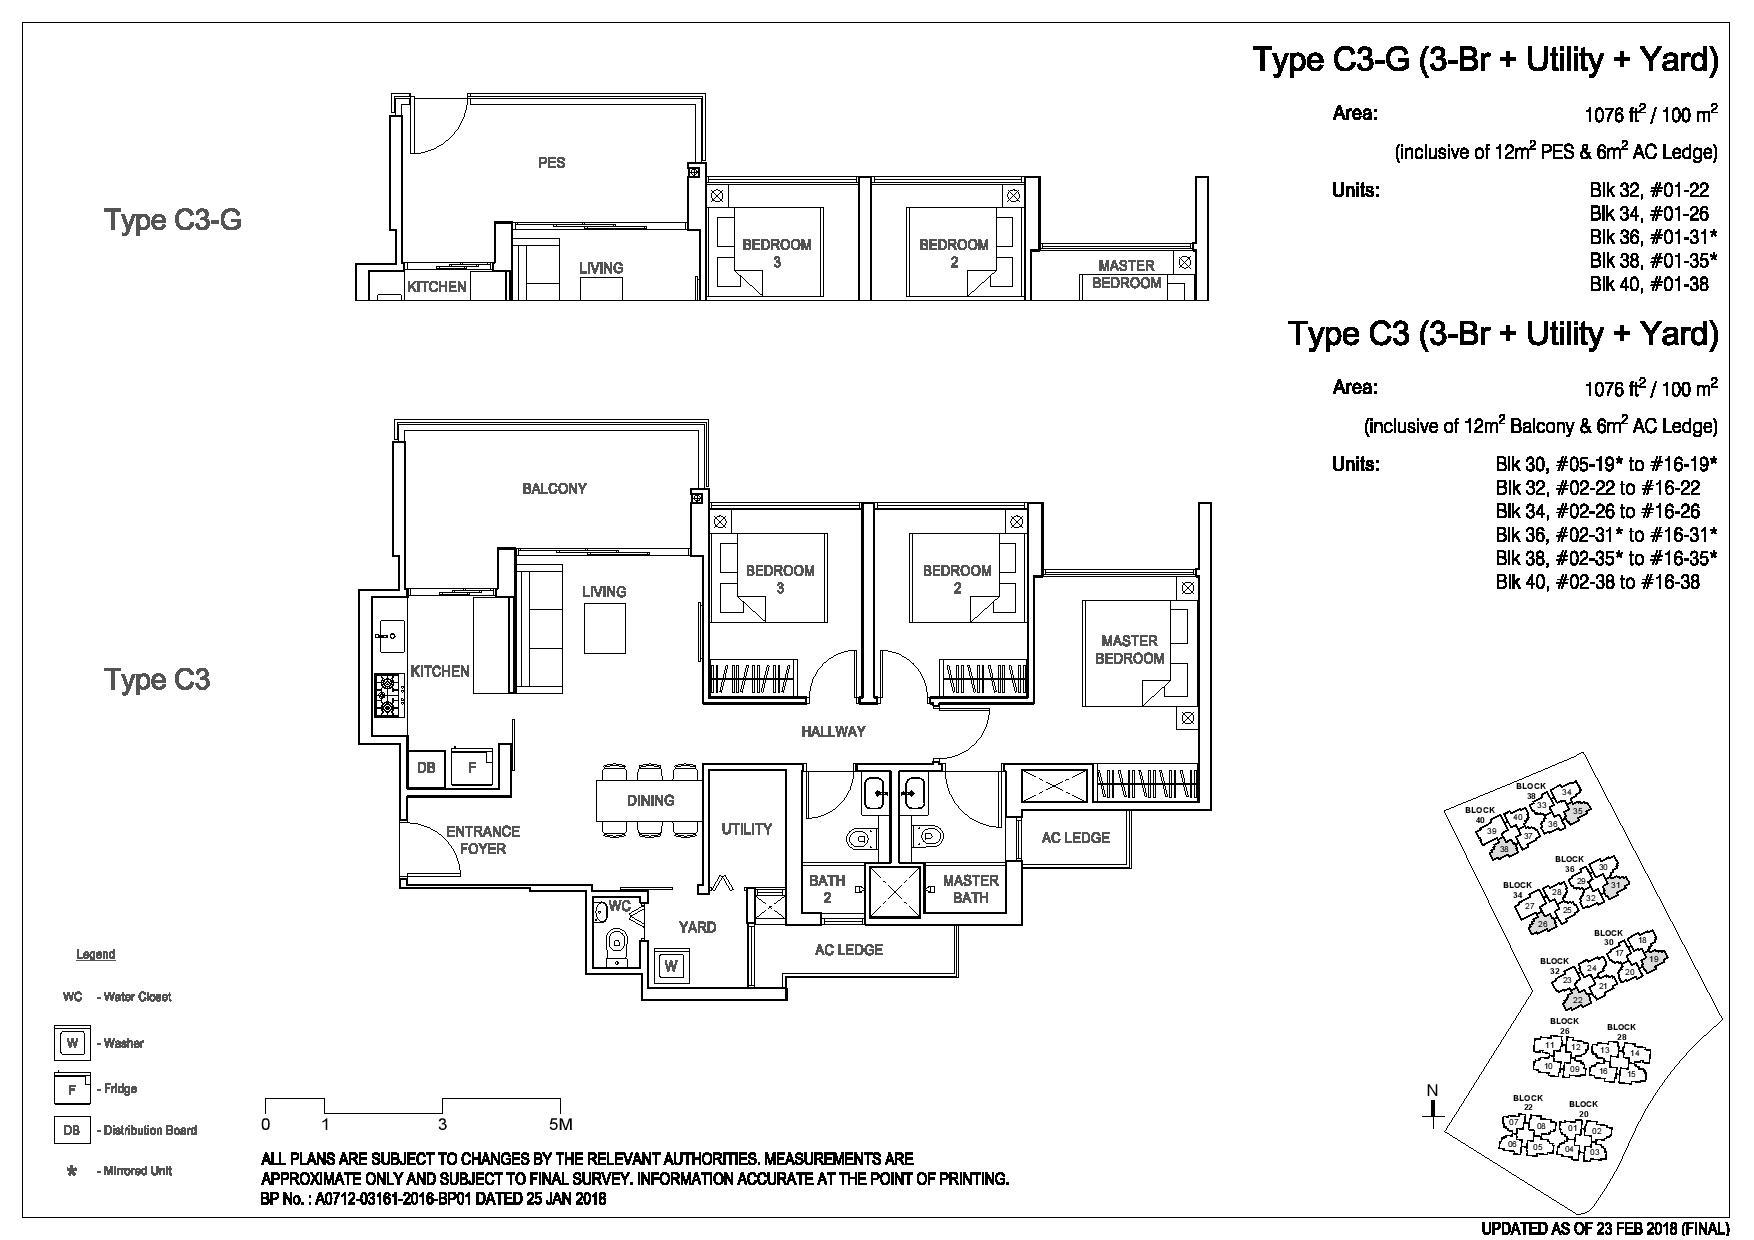 3 Bedroom Type C3